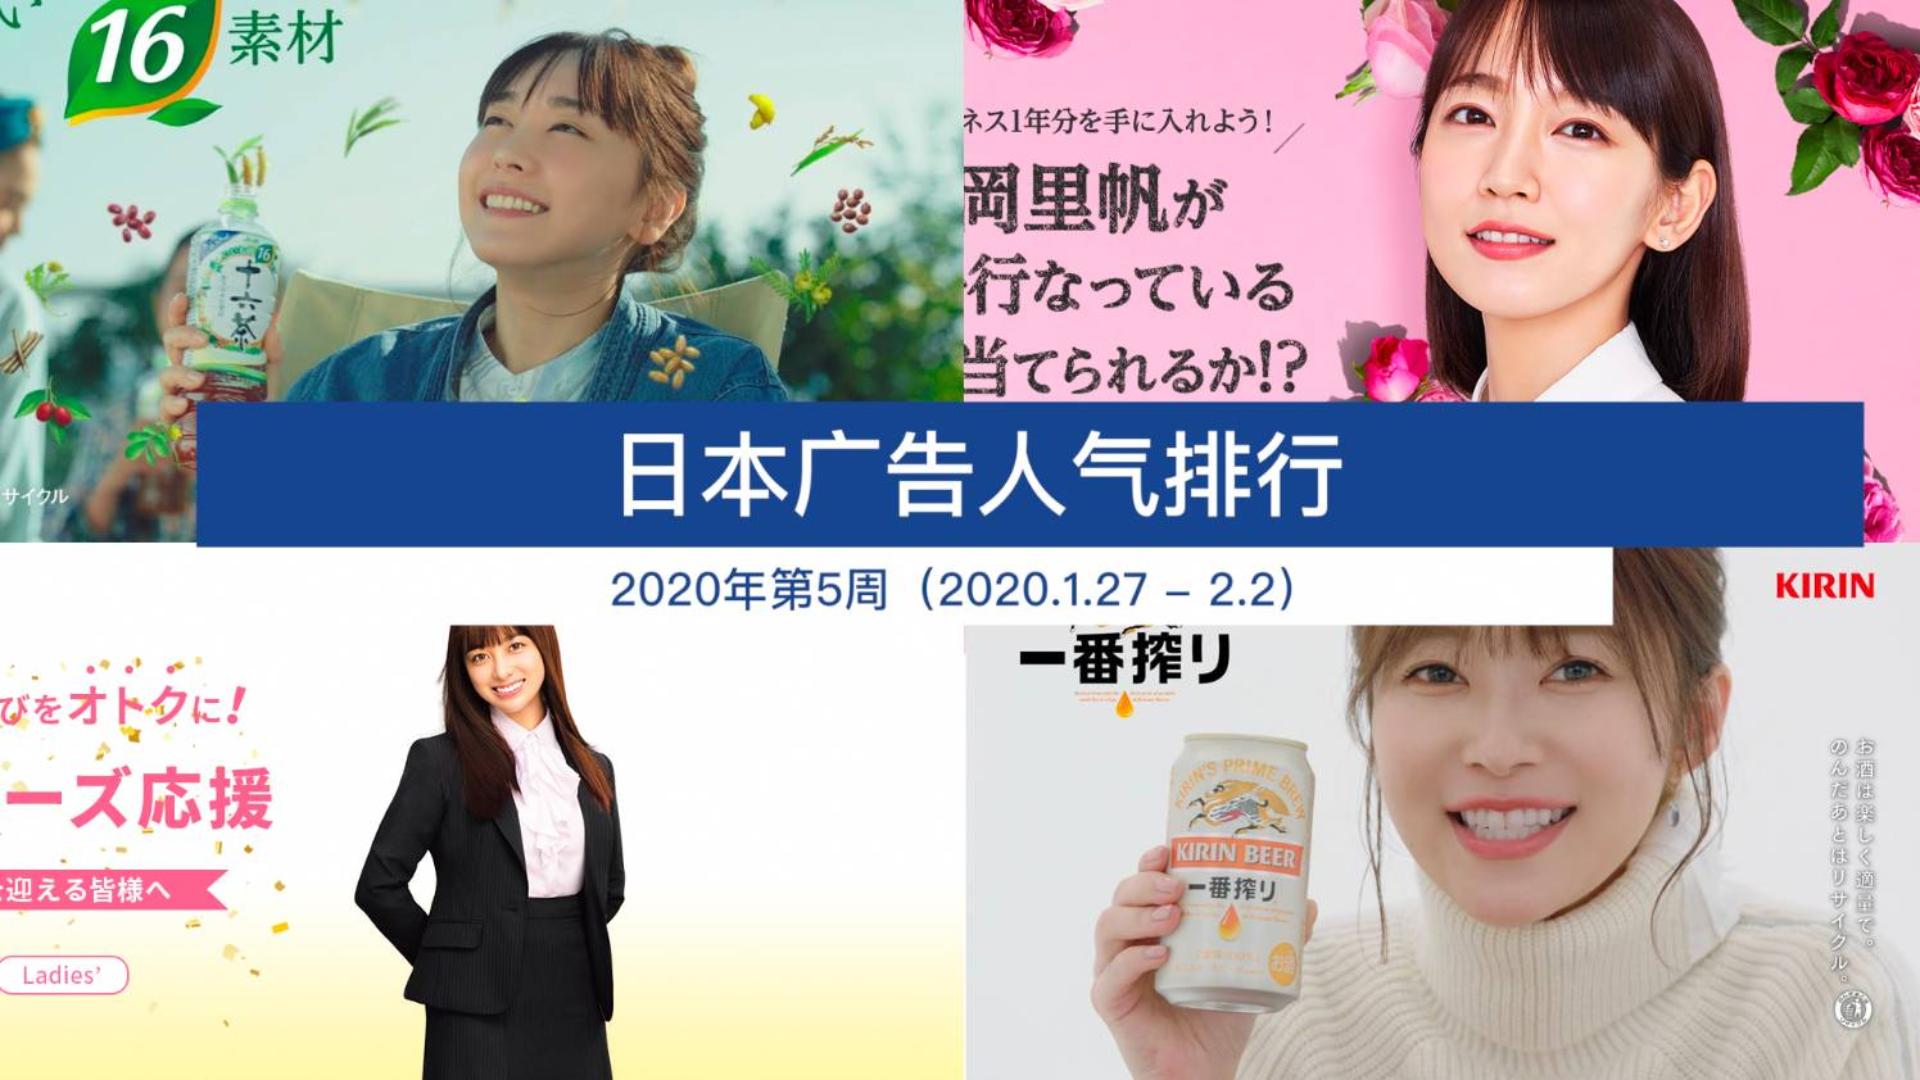 日本广告人气排行(2020年第5周 2020.1.27 - 2.2)